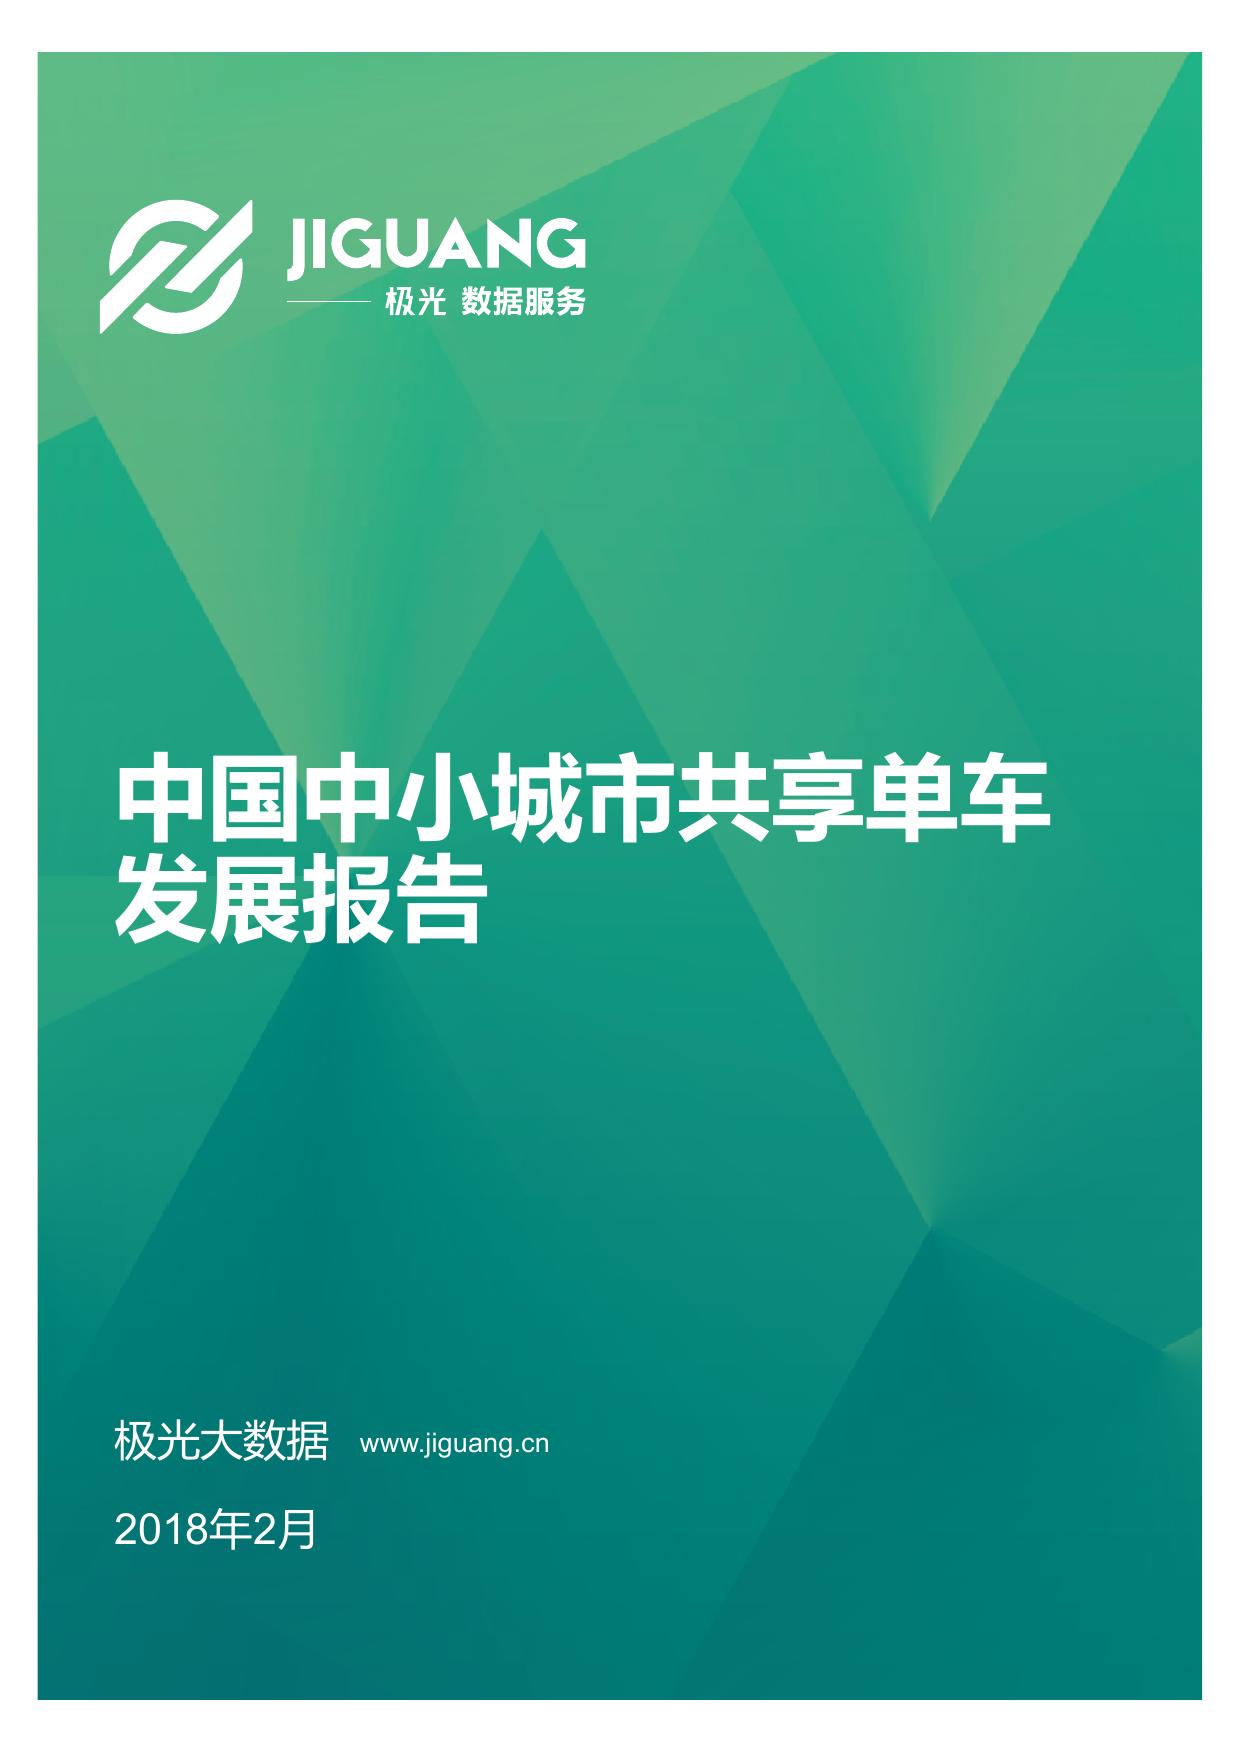 极光大数据:中国中小城市共享单车发展报告(附下载)